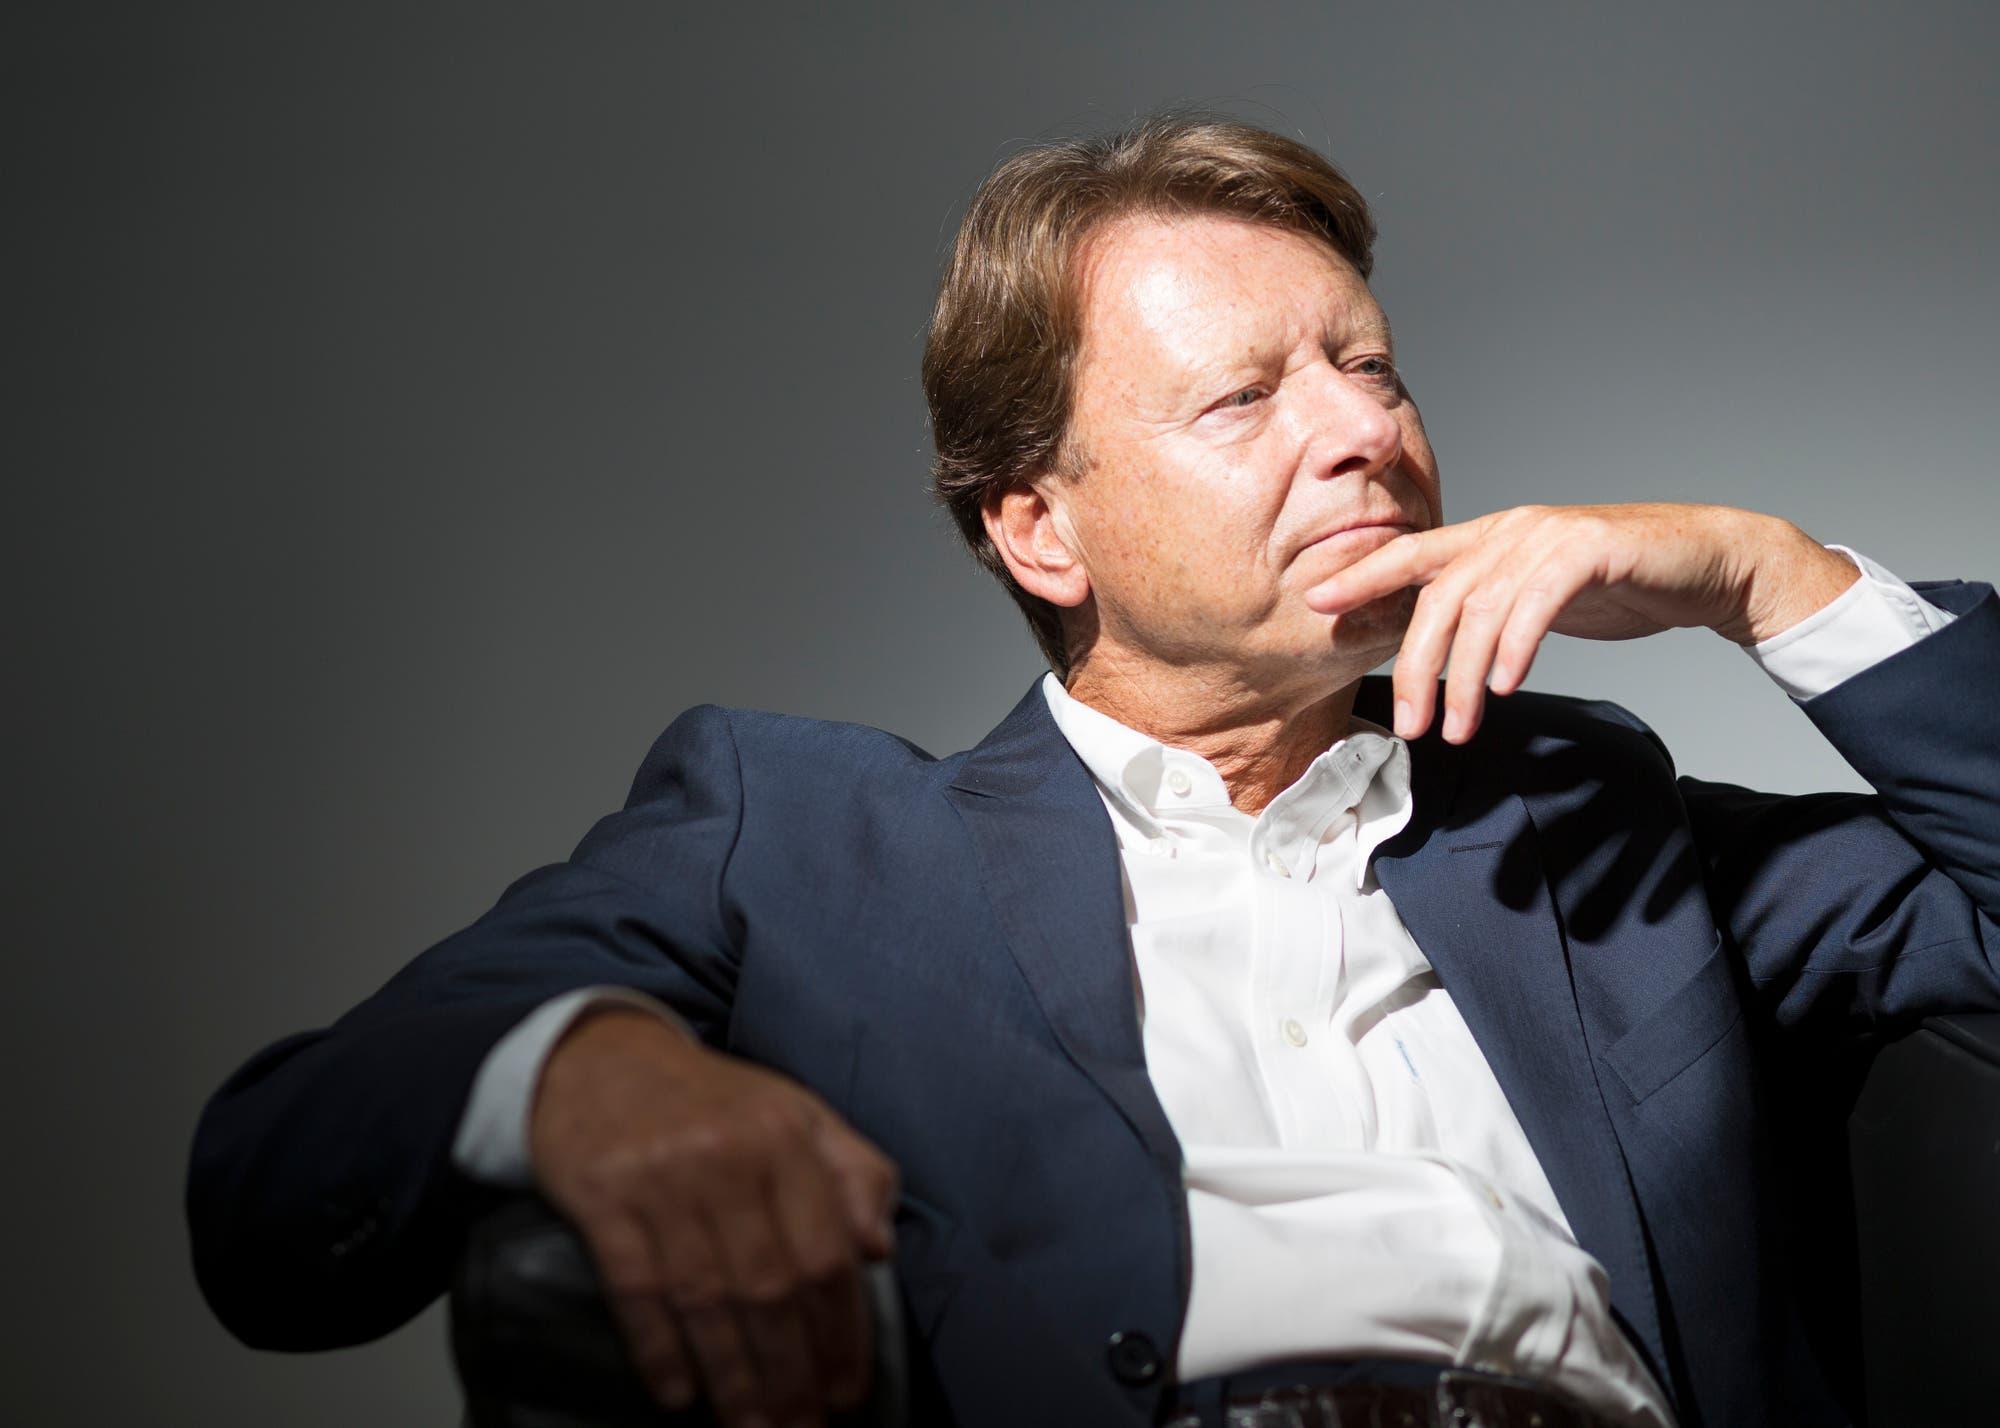 Professor Hans-Ulrich Wittchen